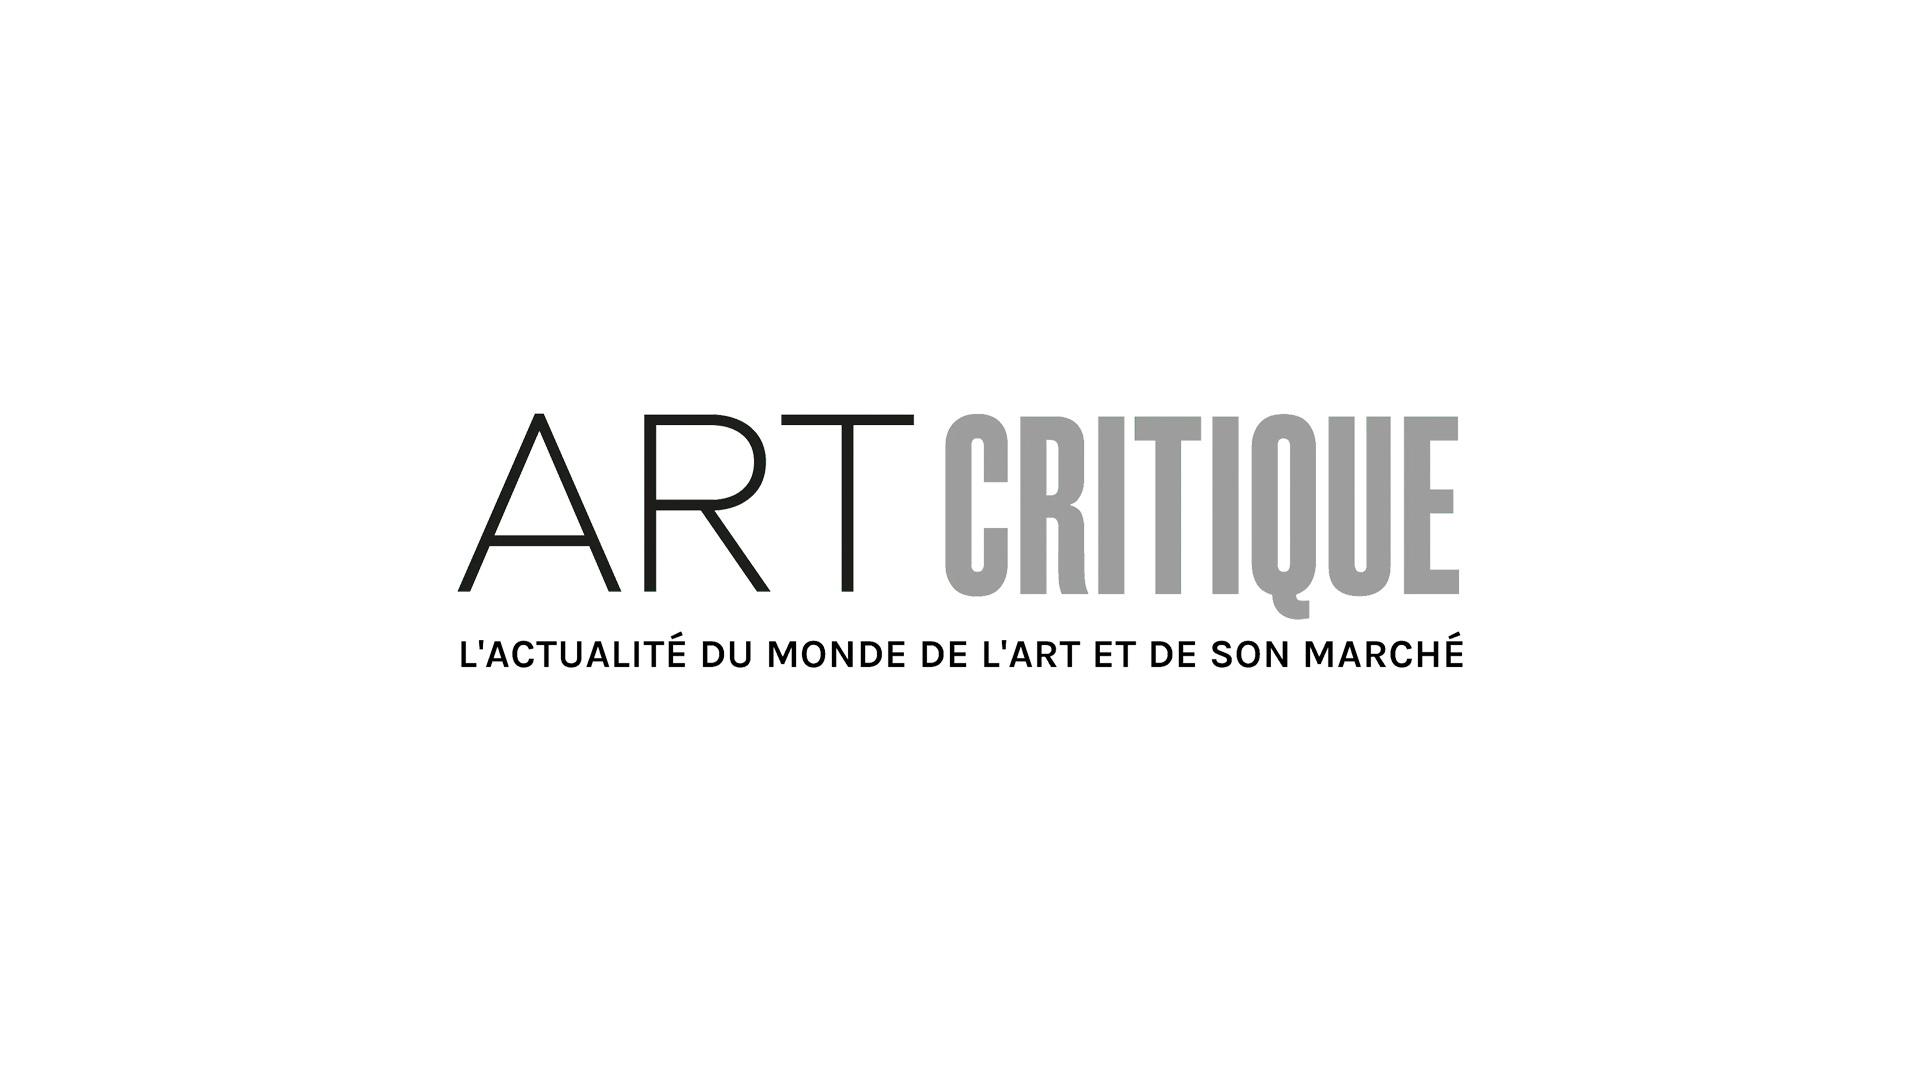 The global Goethe